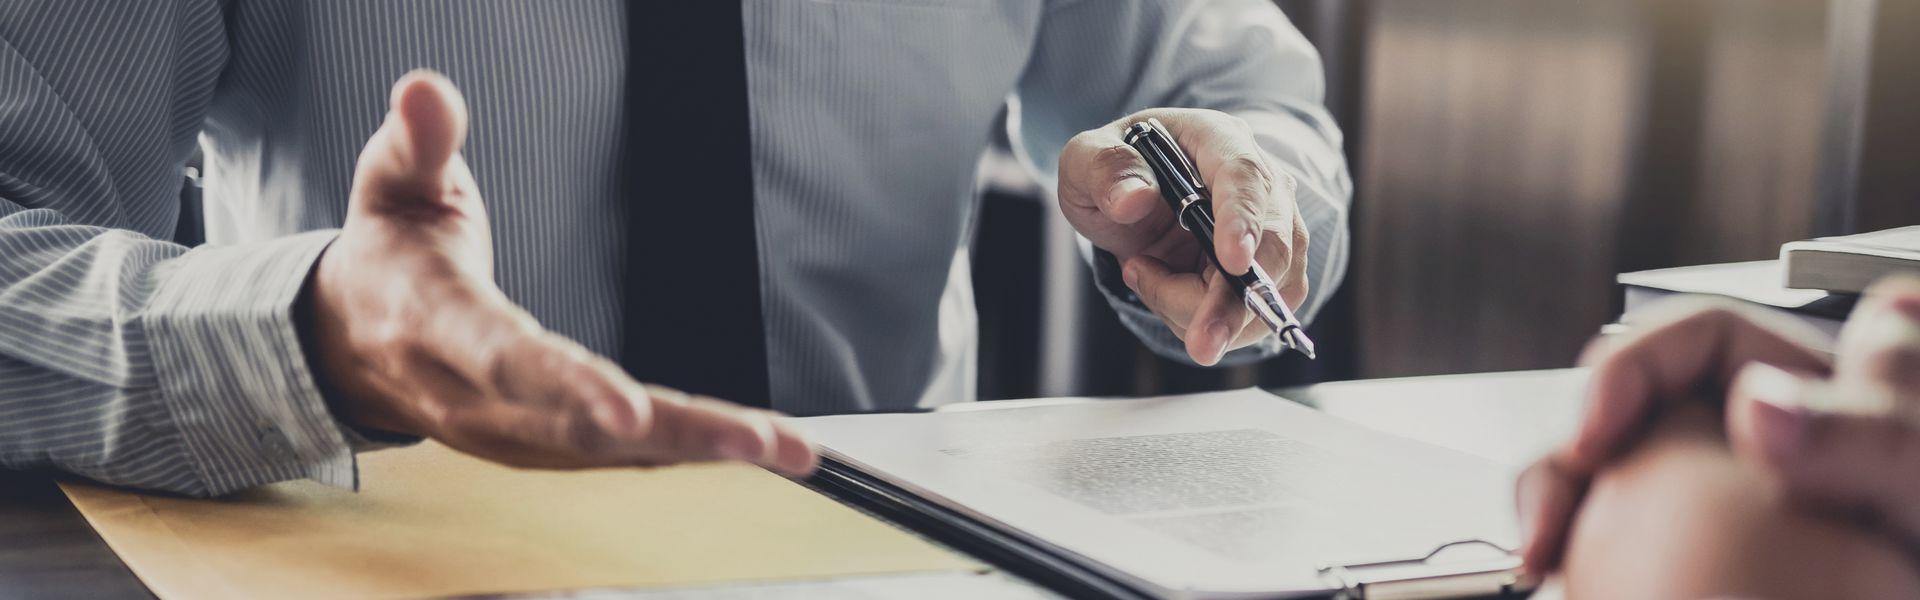 Tarneden-Rechtsanwalt-Rechtsgebiete